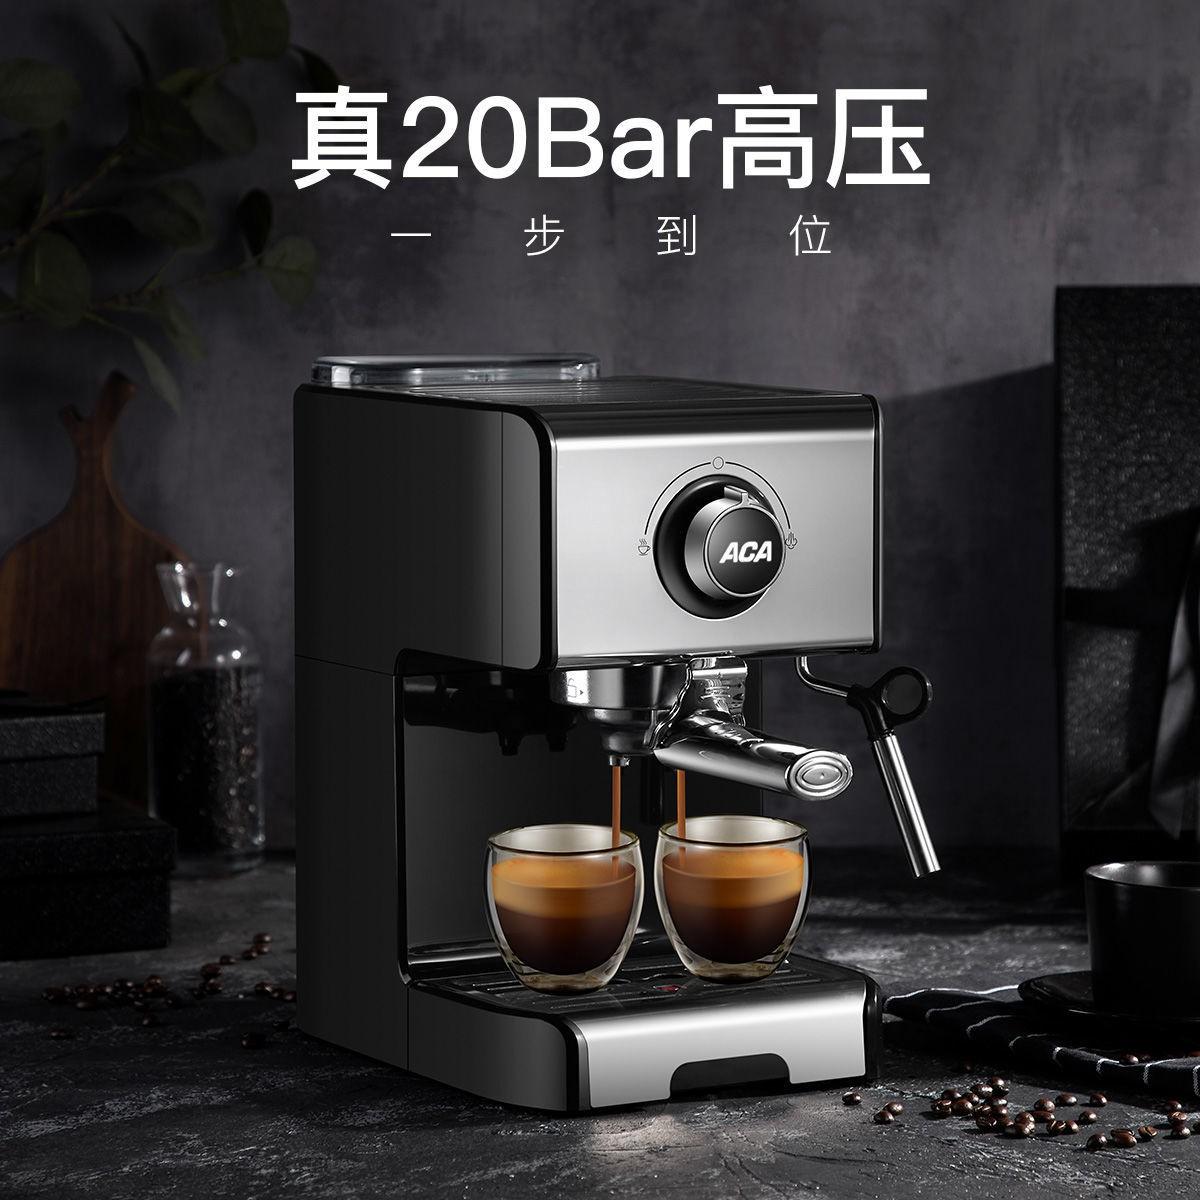 ผู้บริโภคเครื่องชงกาแฟ ACA North American Electric ES12A และเครื่องทำฟองนมไอน้ำขนาดเล็กกึ่งอัตโนมัติของอิตาลีในเชิงพาณิช